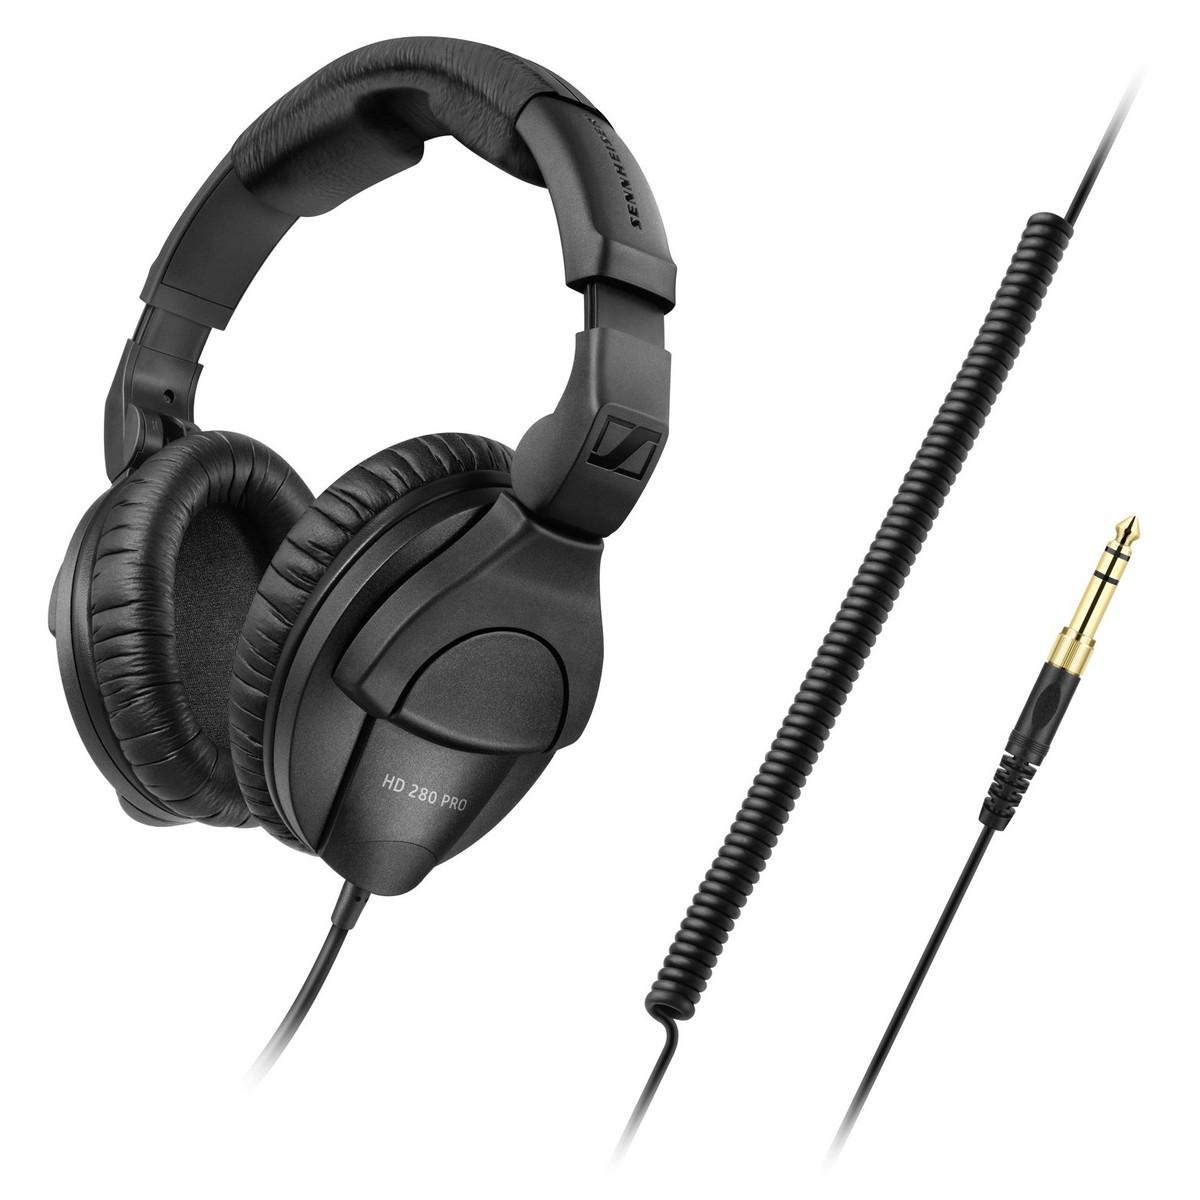 Marshall headphones bluetooth earcups - Sennheiser HD 471G - headphones Overview